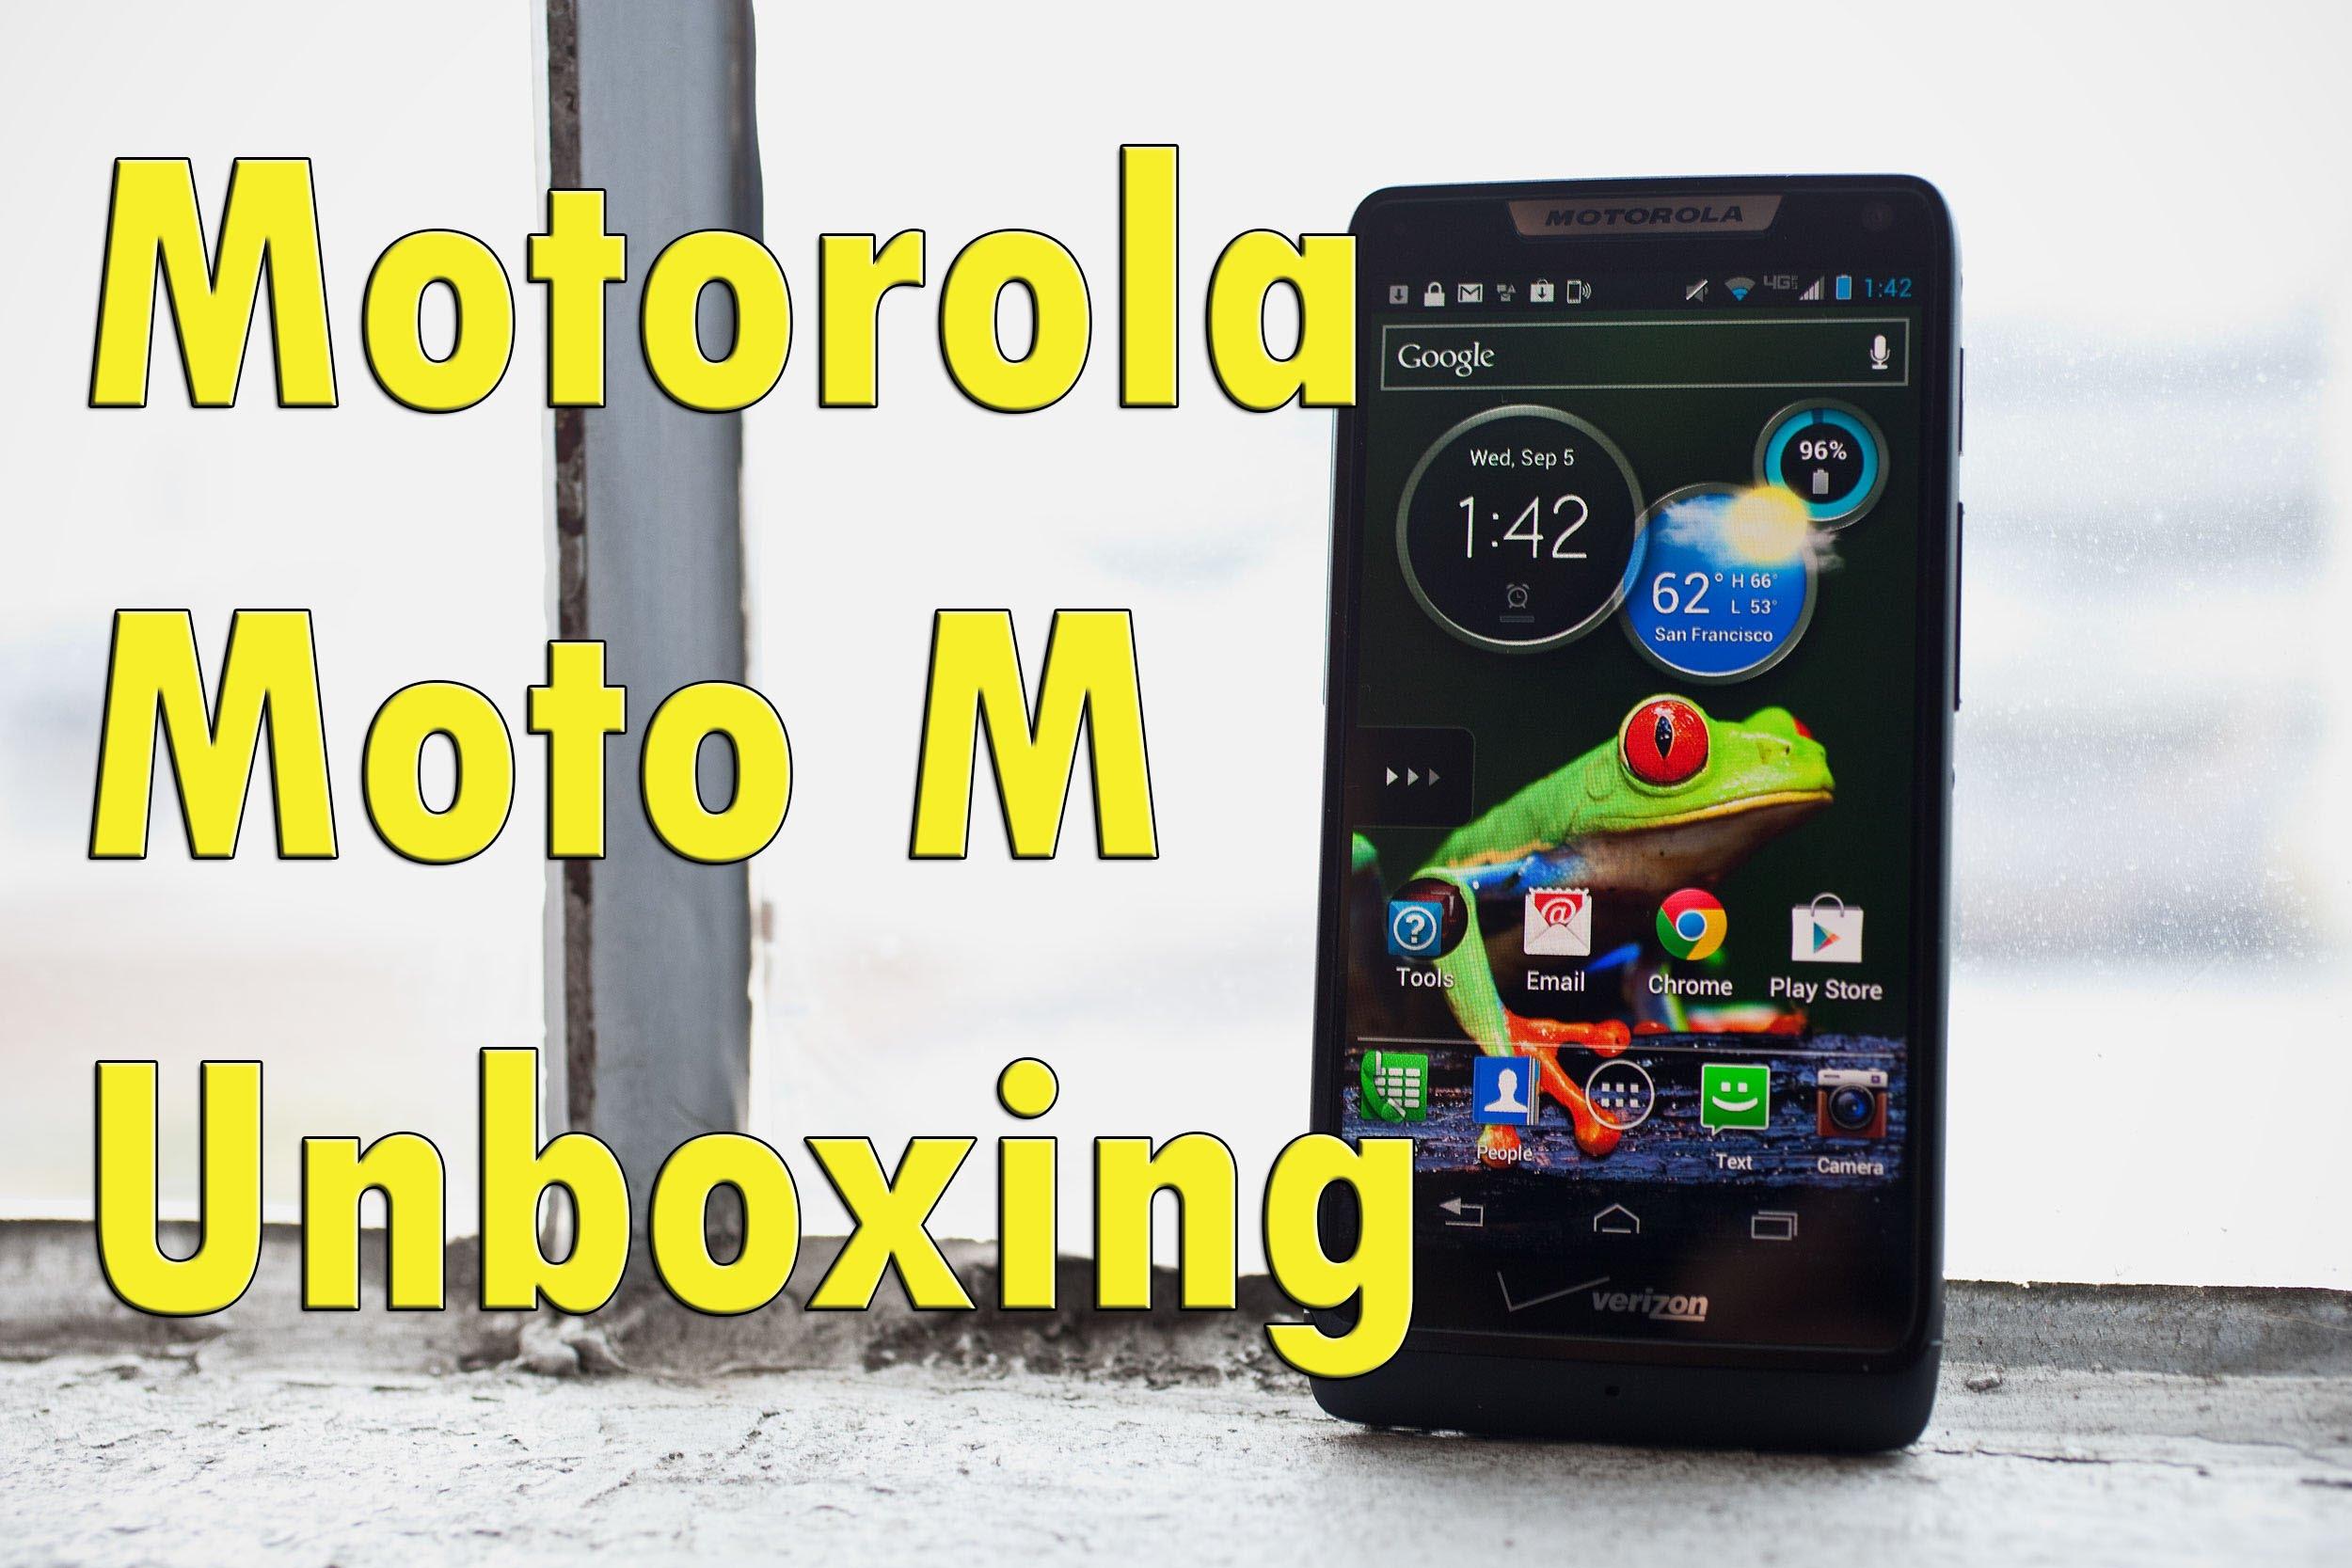 Motorola Moto M Là Gì? Tìm Hiểu Về Motorola Moto M Là Gì?